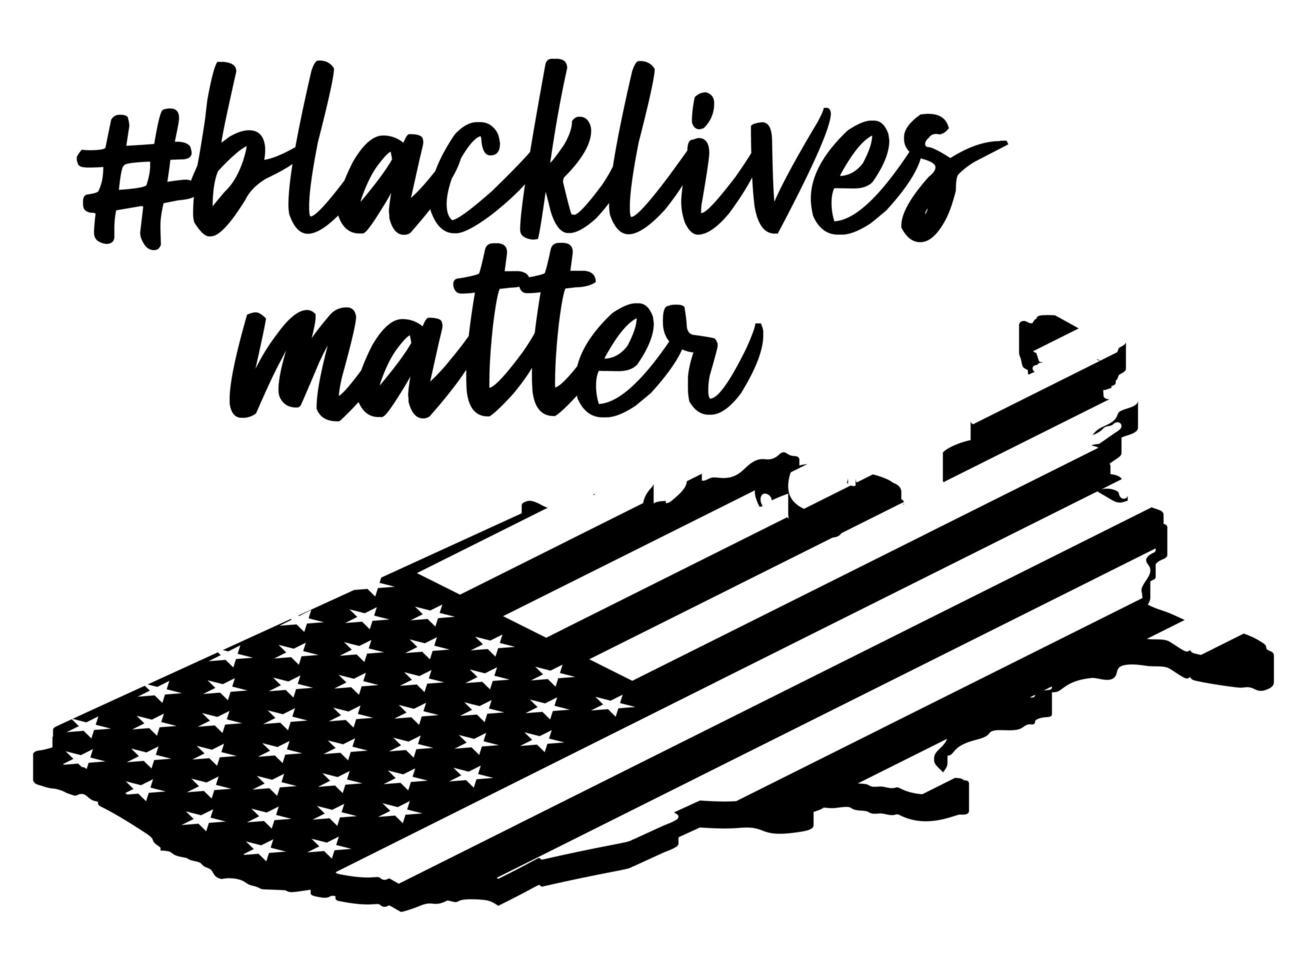 las vidas negras importan o no puedo respirar el texto en el mapa de EE. UU. ilustración vectorial de stock vector